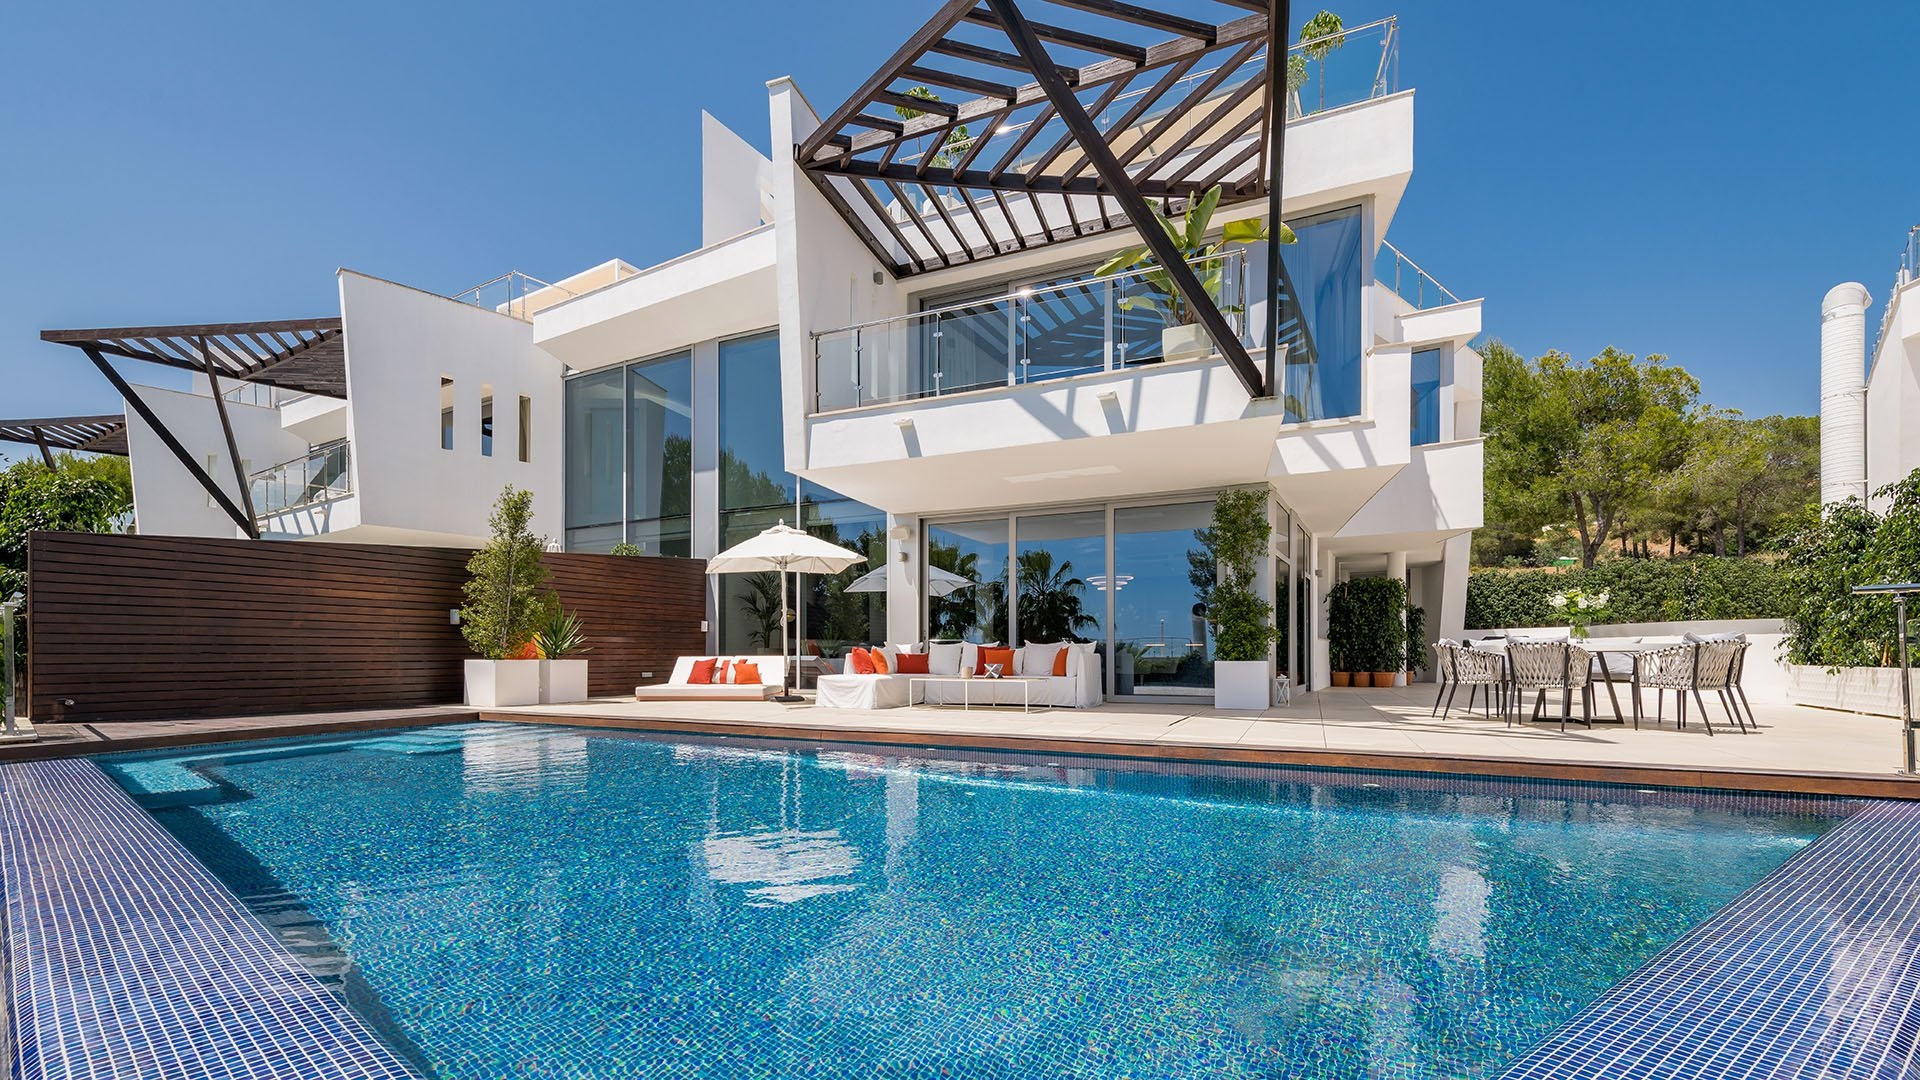 Altius 4: Luxe schakelwoning in Marbella met adembenemend uitzicht